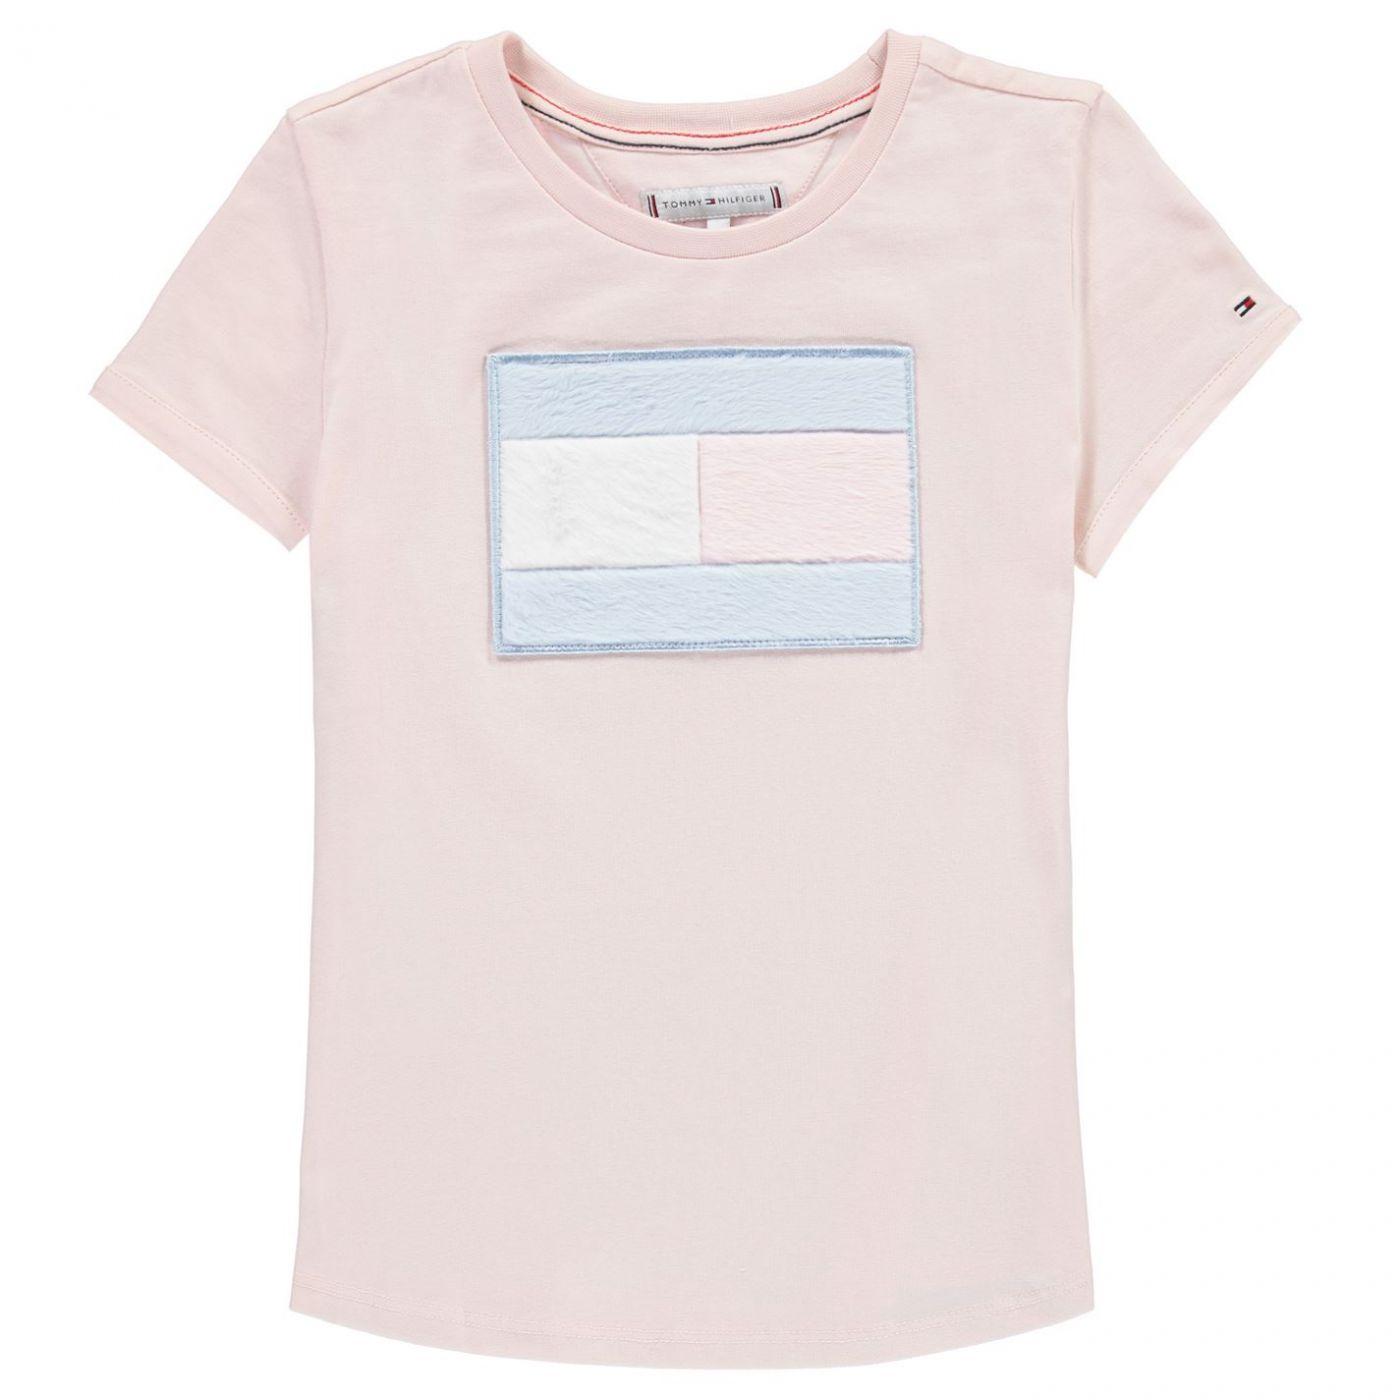 Tommy Hilfiger Fur Flag T Shirt